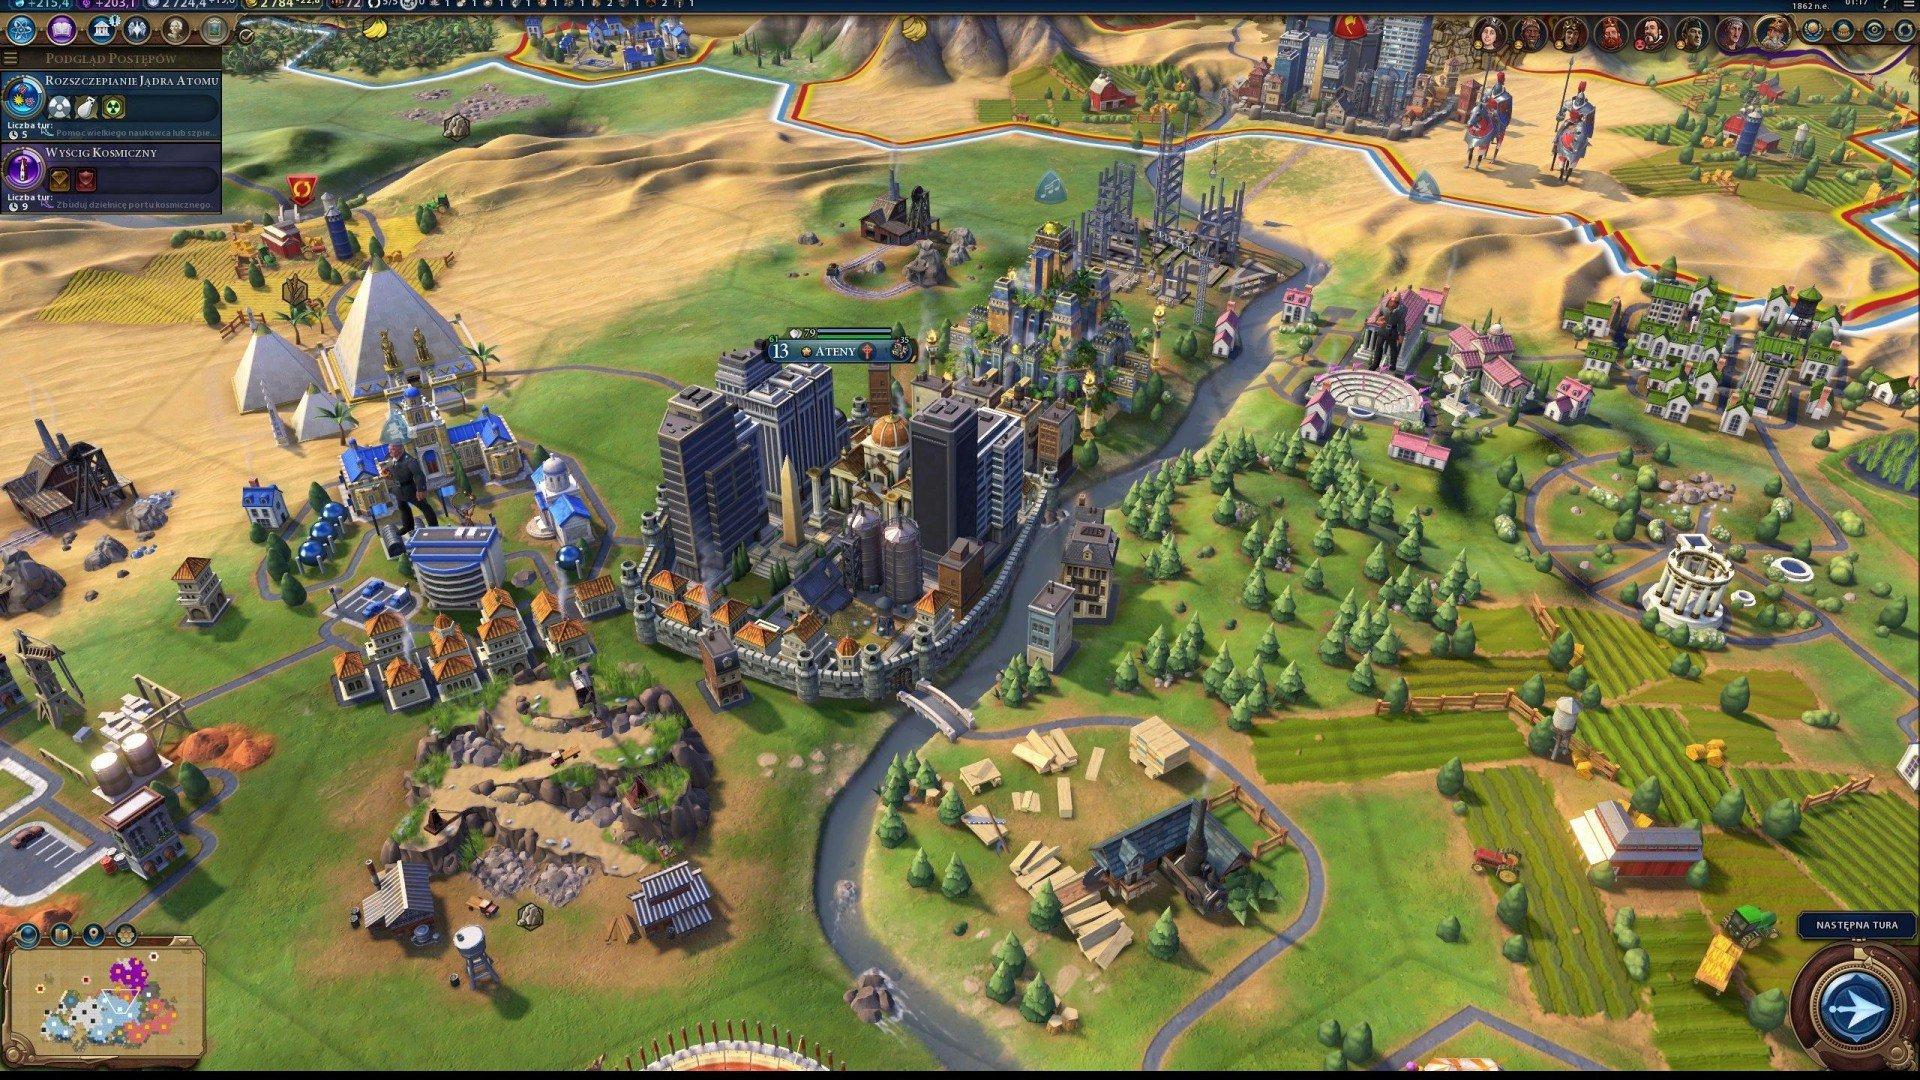 Скриншот к игре Sid Meier's Civilization VI: Digital Deluxe [v 1.0.1.501 + DLC's + Bonus] (2016) скачать торрент RePack от R.G. Механики